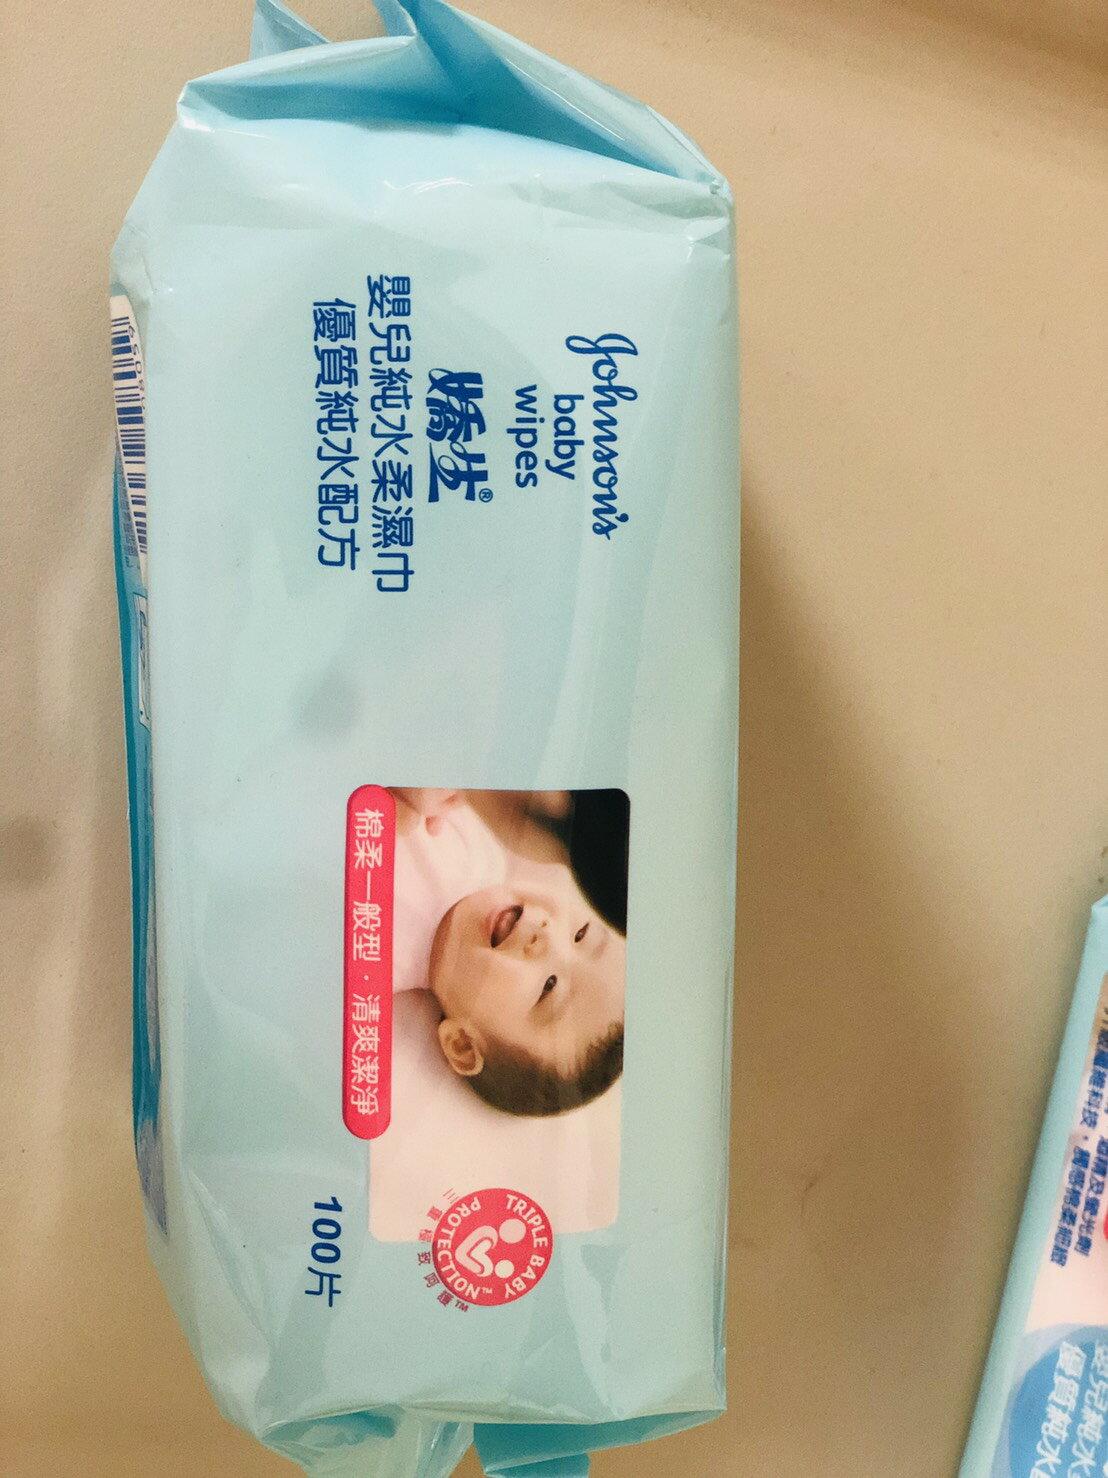 嬌生 濕紙巾 嬰兒純水柔濕巾 一般型 單包 100抽 擦拭 手臉共用 超取最多8包 2